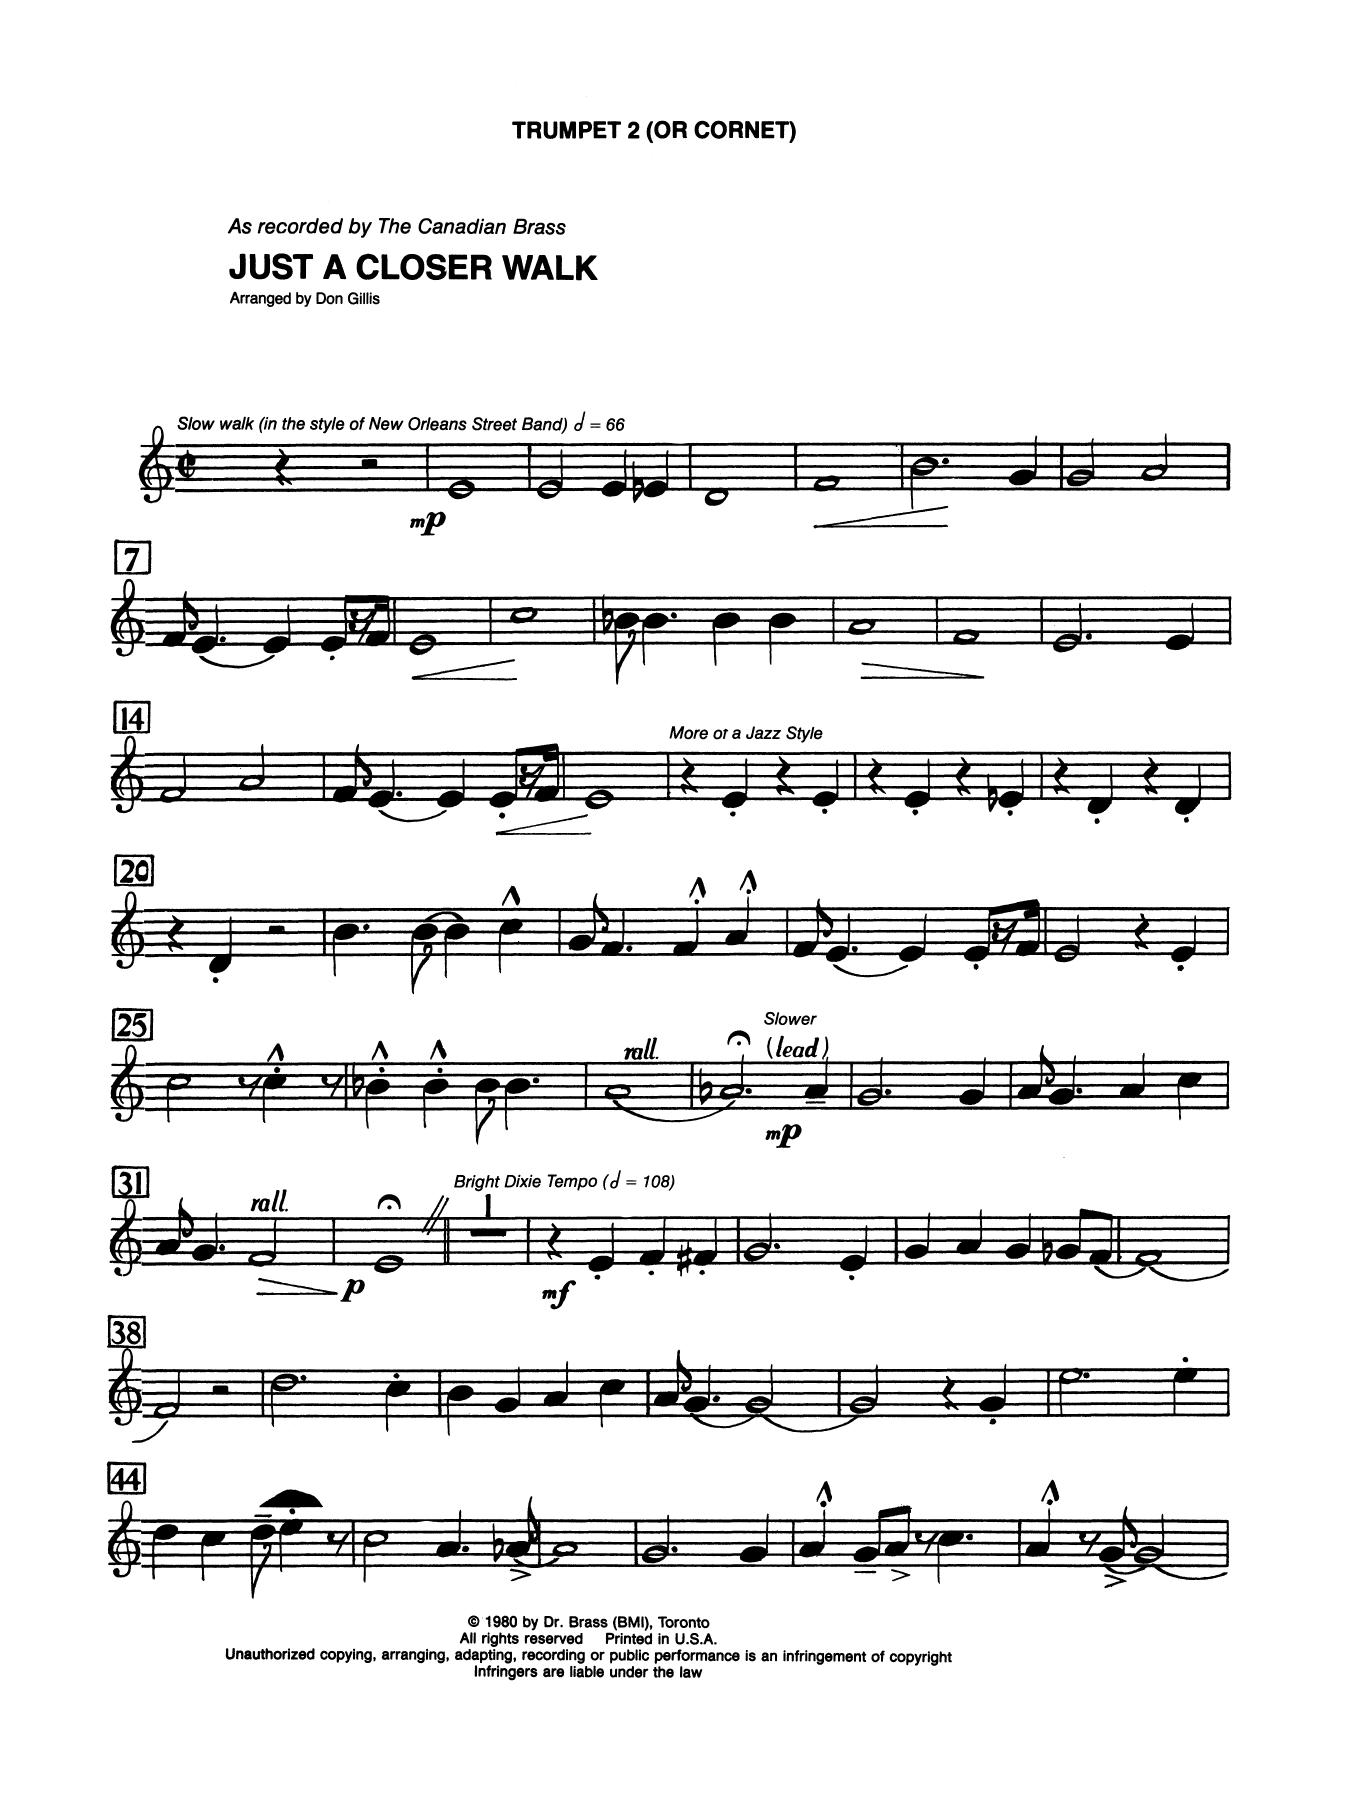 Just A Closer Walk With Thee - Bb Trumpet 2 (Brass Quintet) Sheet Music